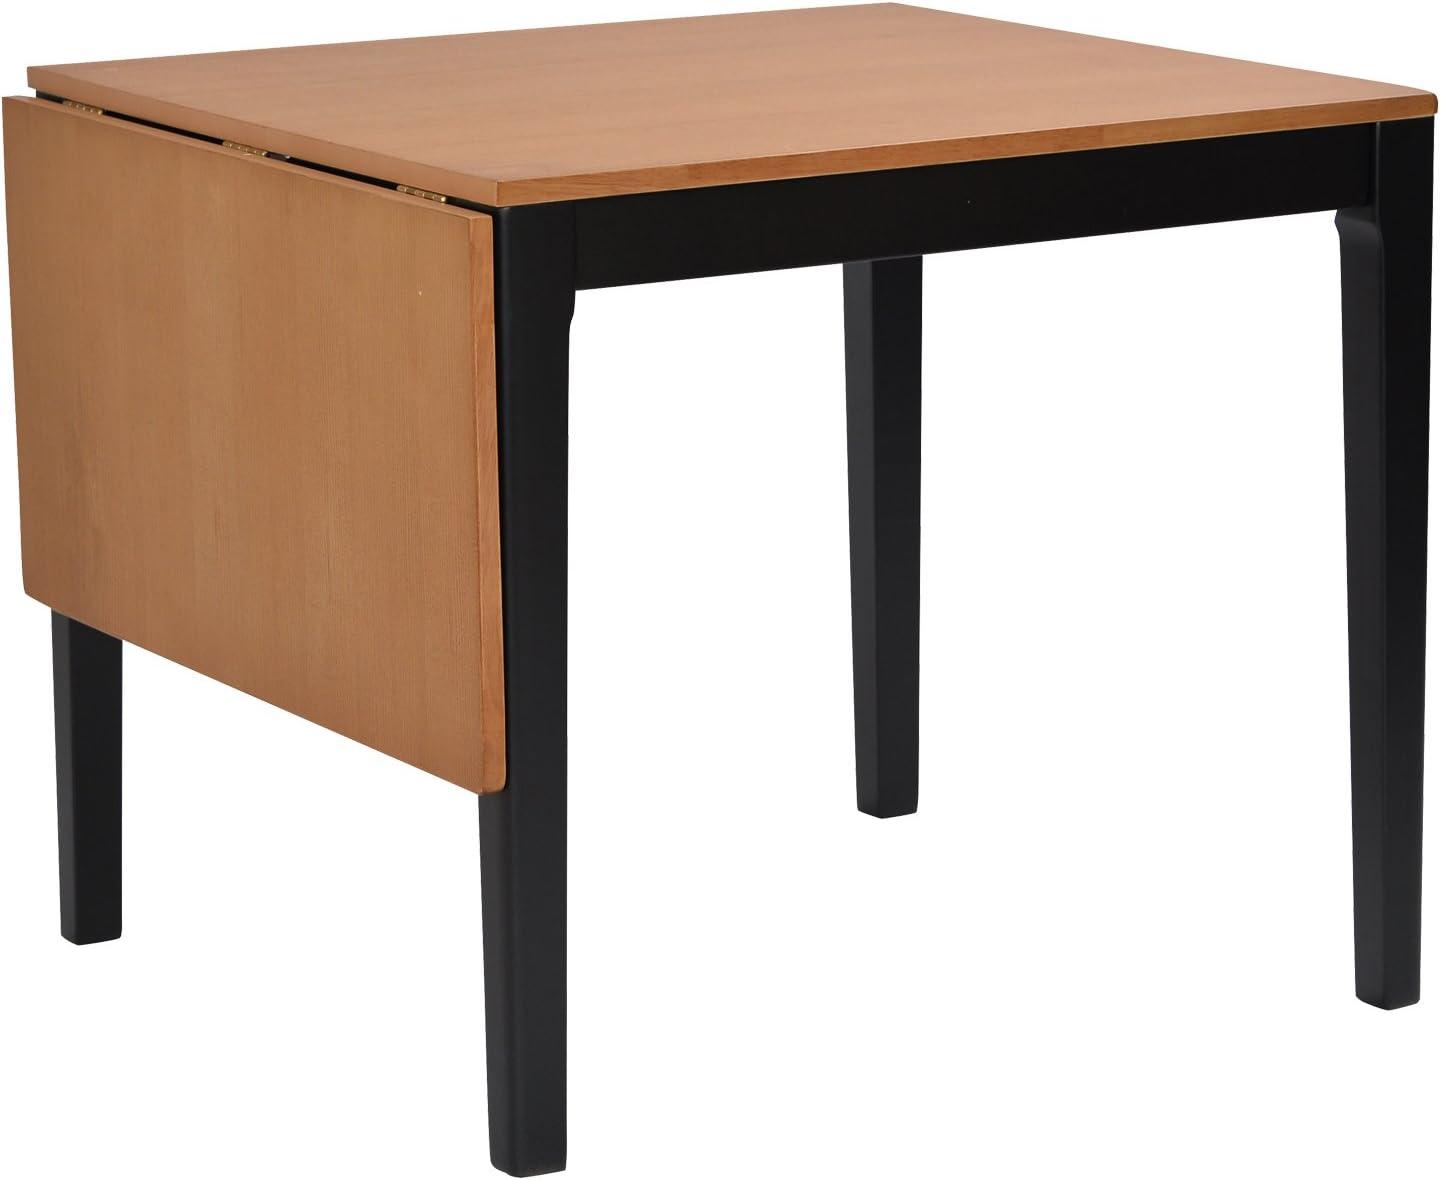 タマリビング ダイニングテーブル ポンテブラウン BT120 50002934